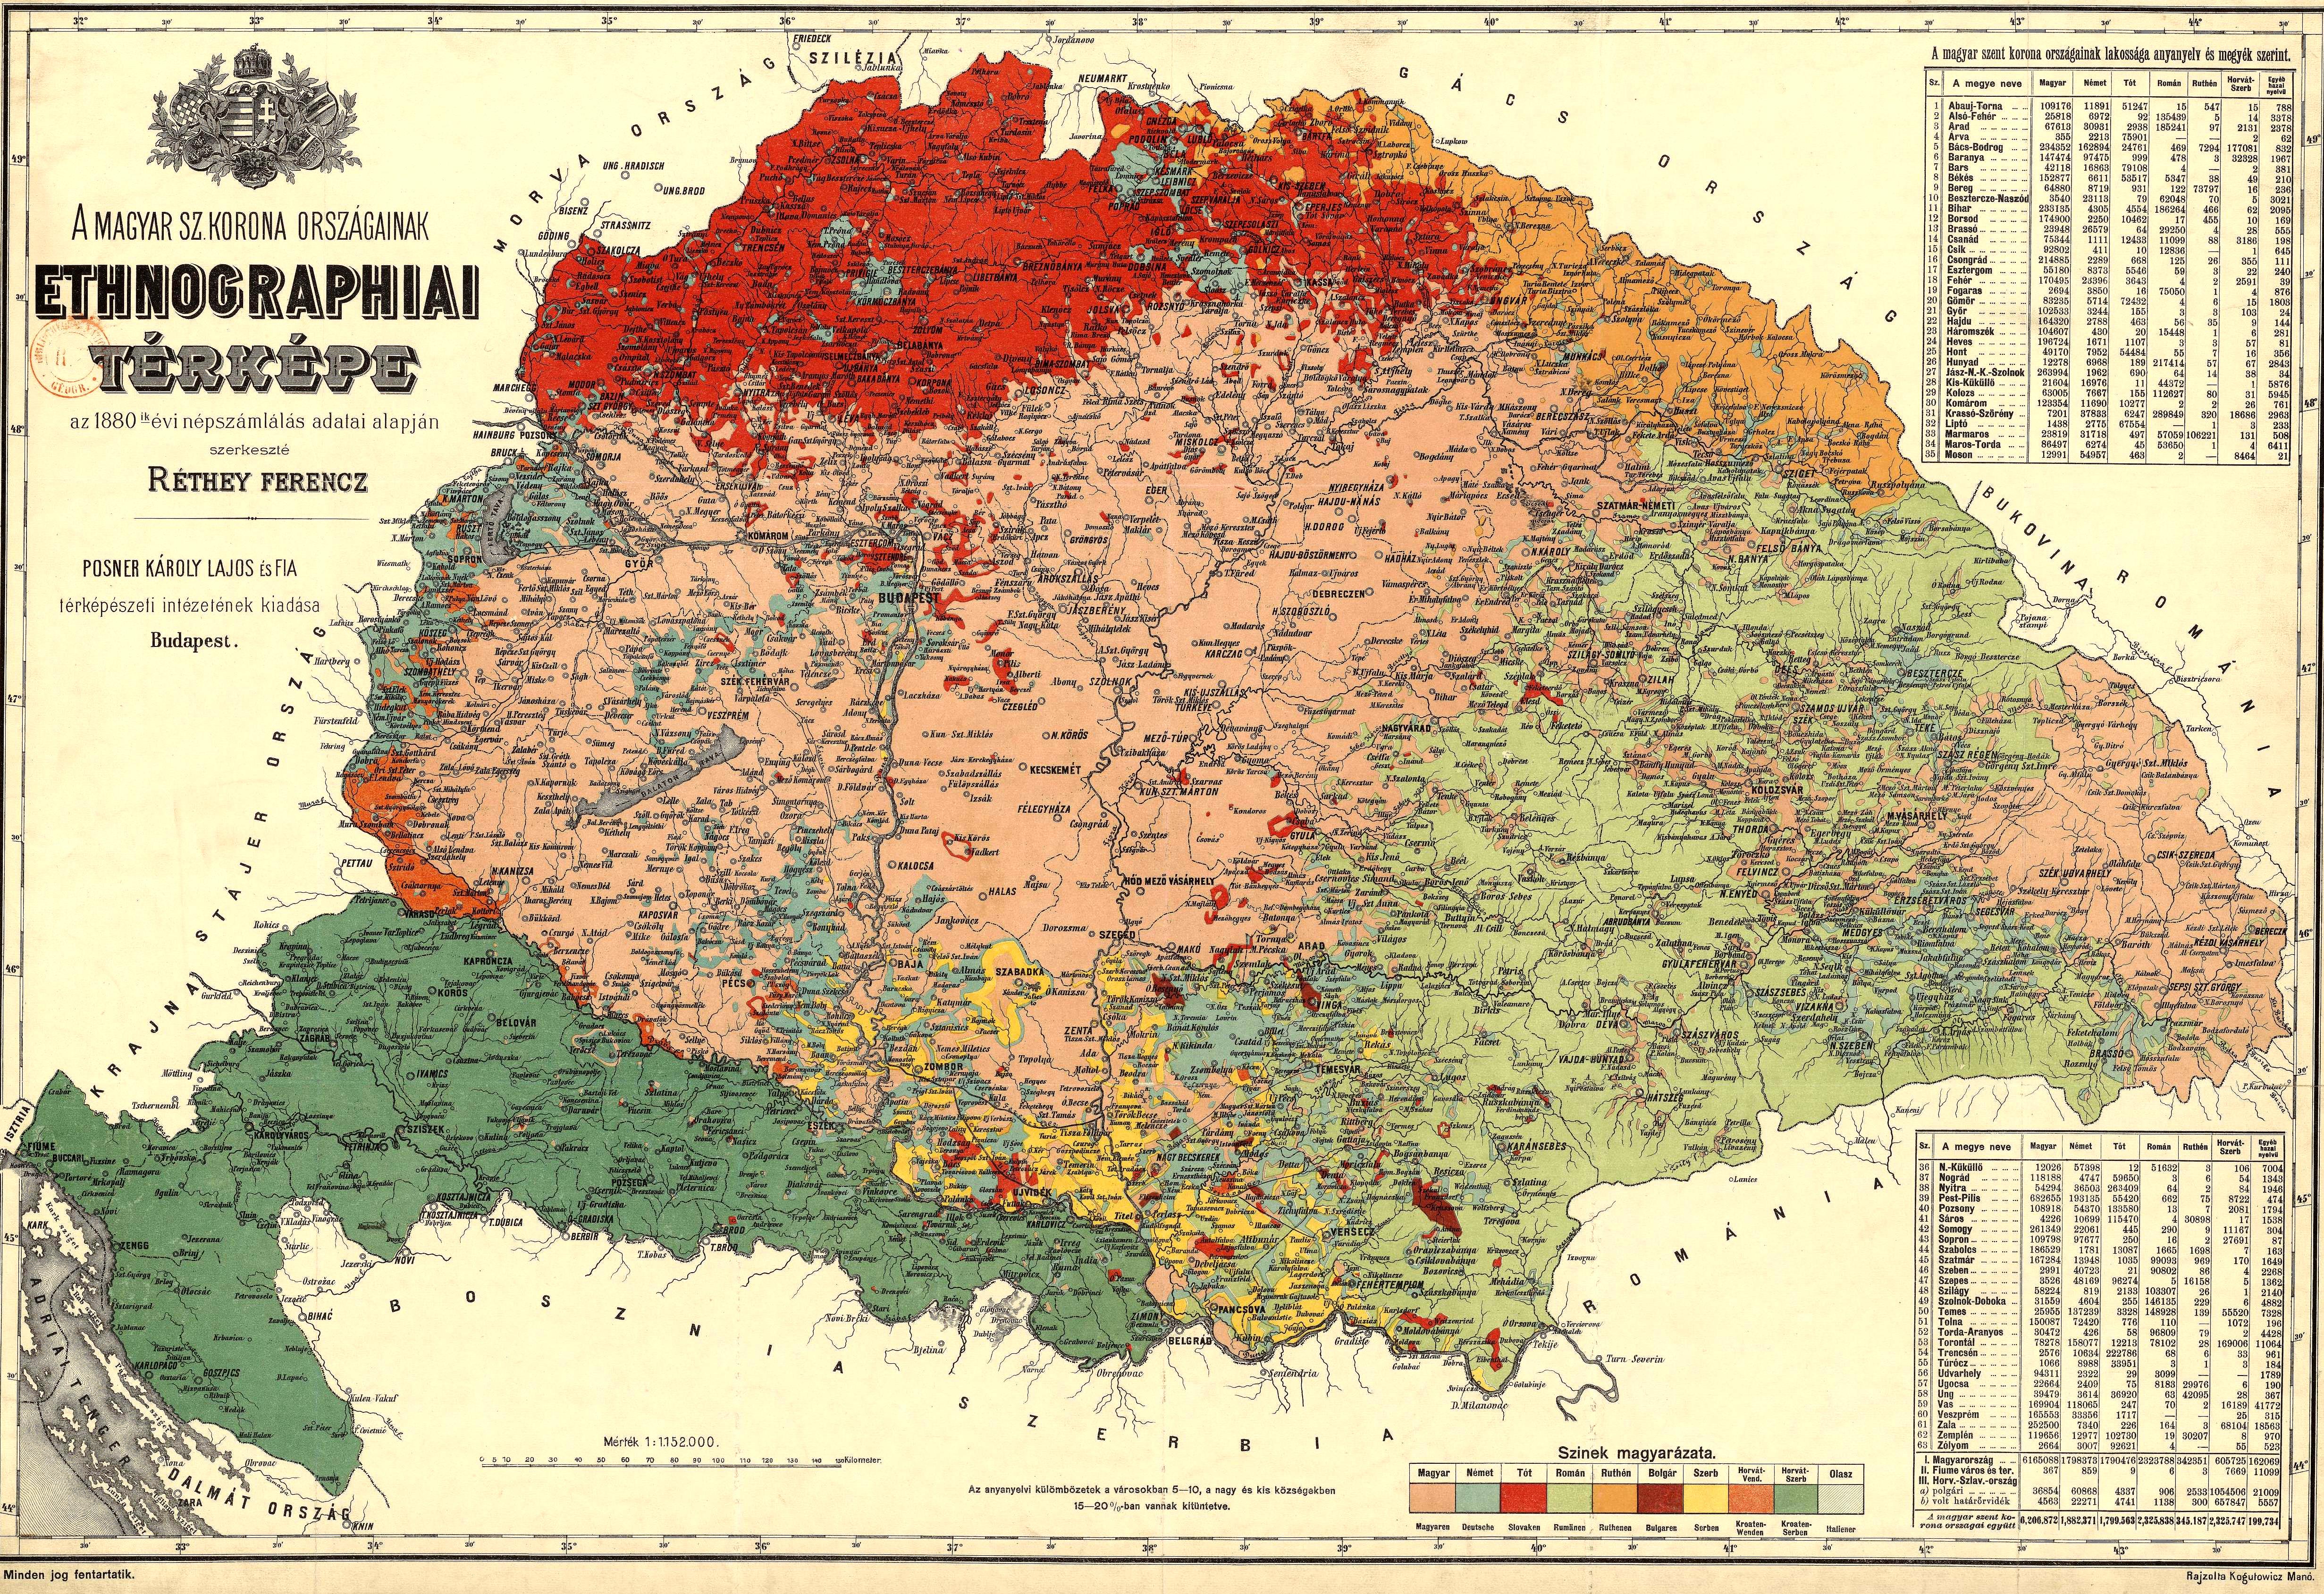 magyarország térkép 1800 as évek Magyarország nemzetiségei – Wikipédia magyarország térkép 1800 as évek